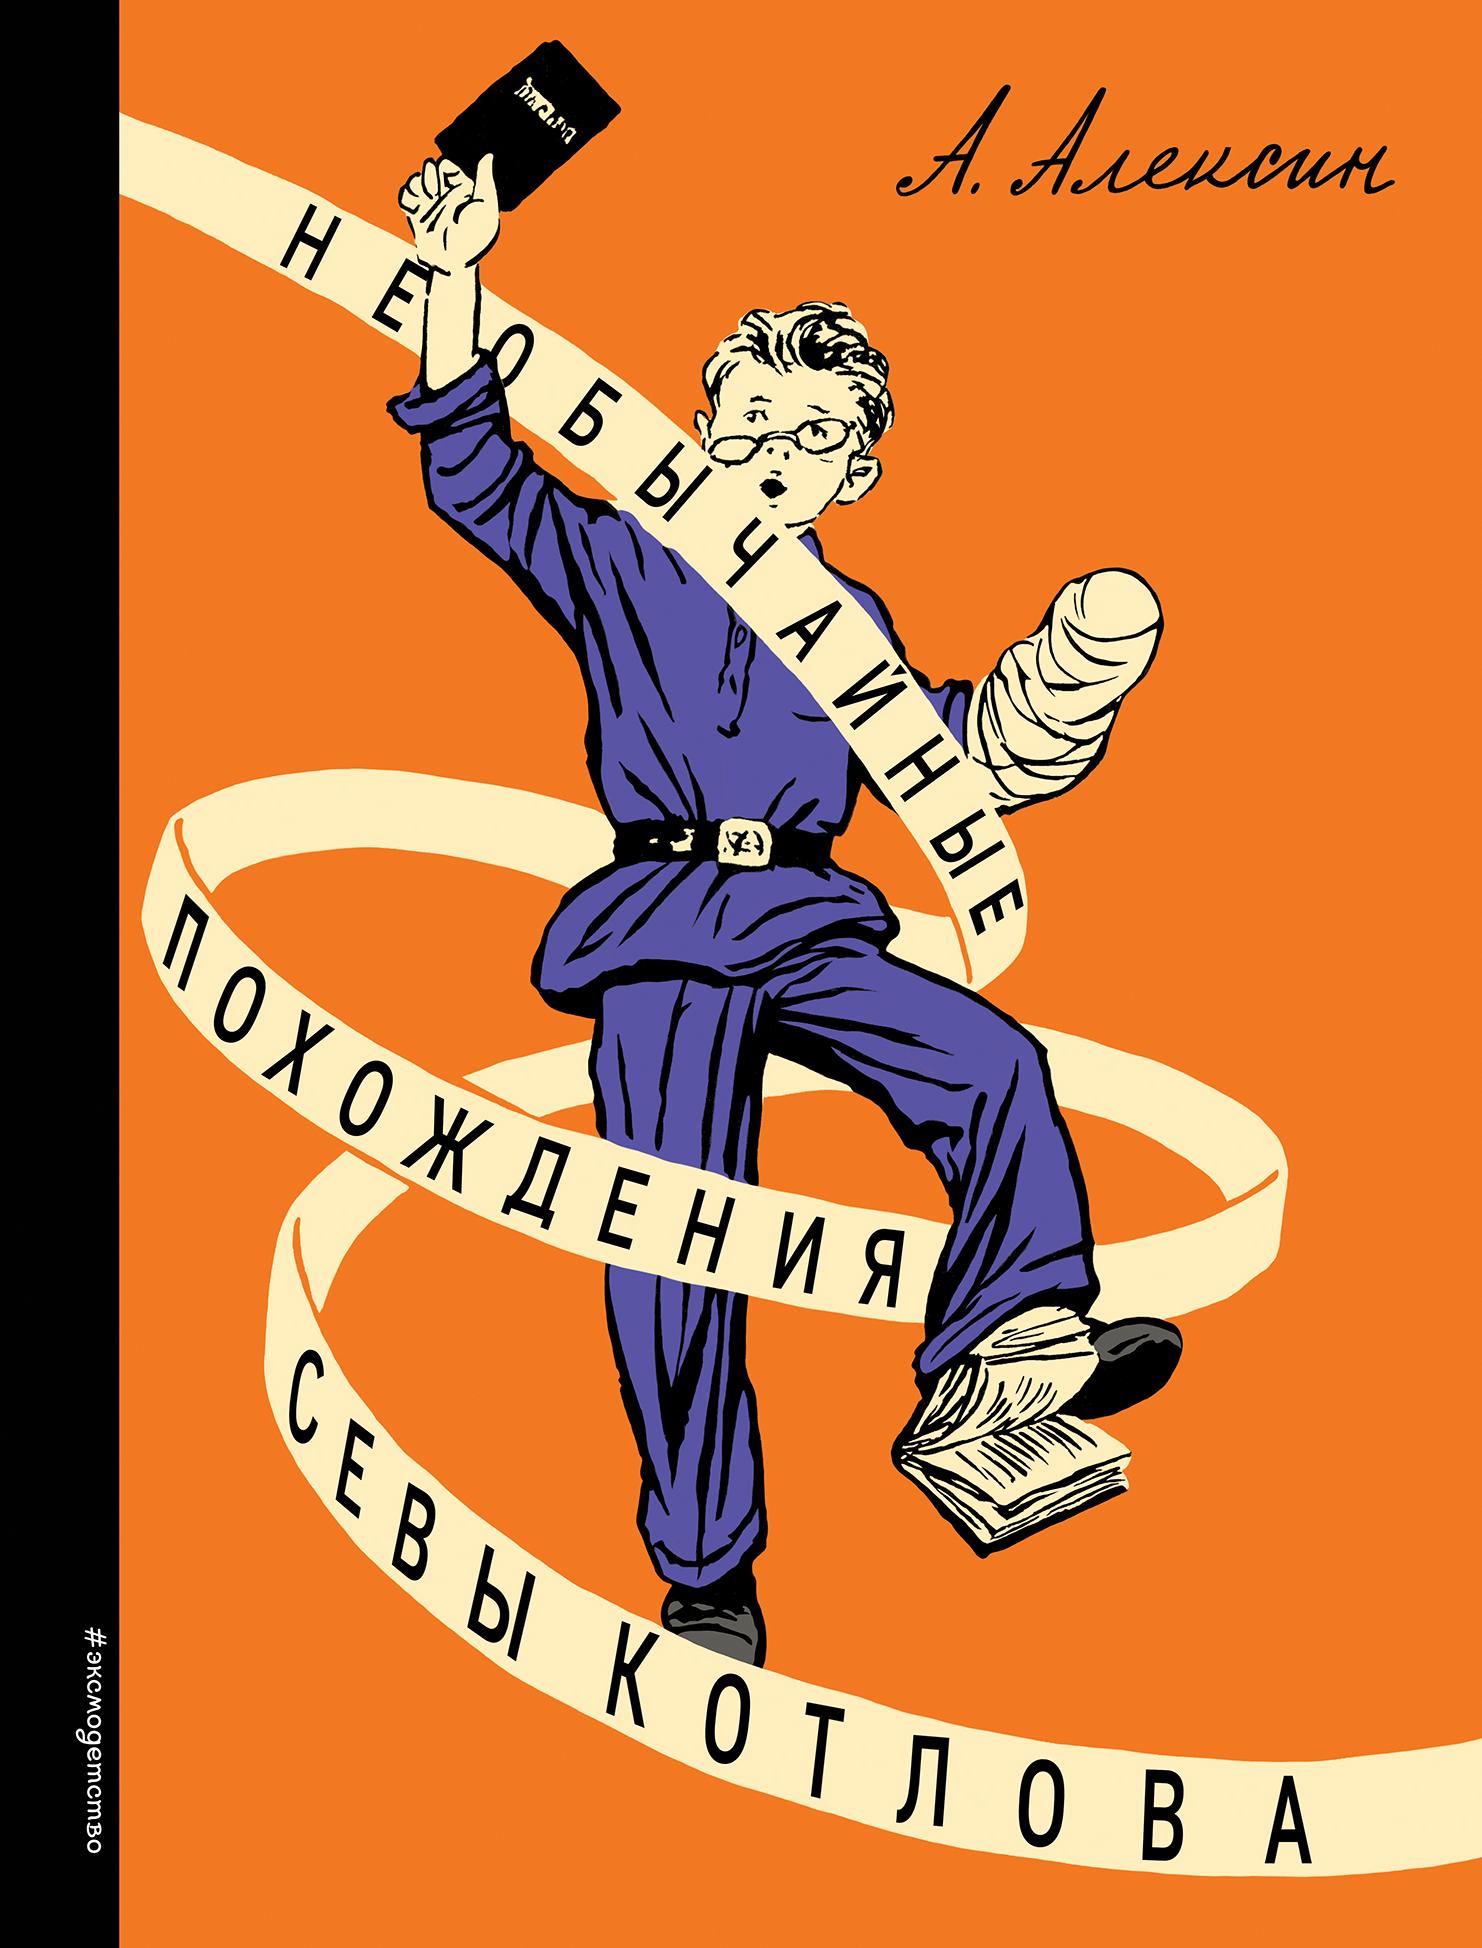 Необычайные похождения Севы Котлова (ил. Б. Винокурова)